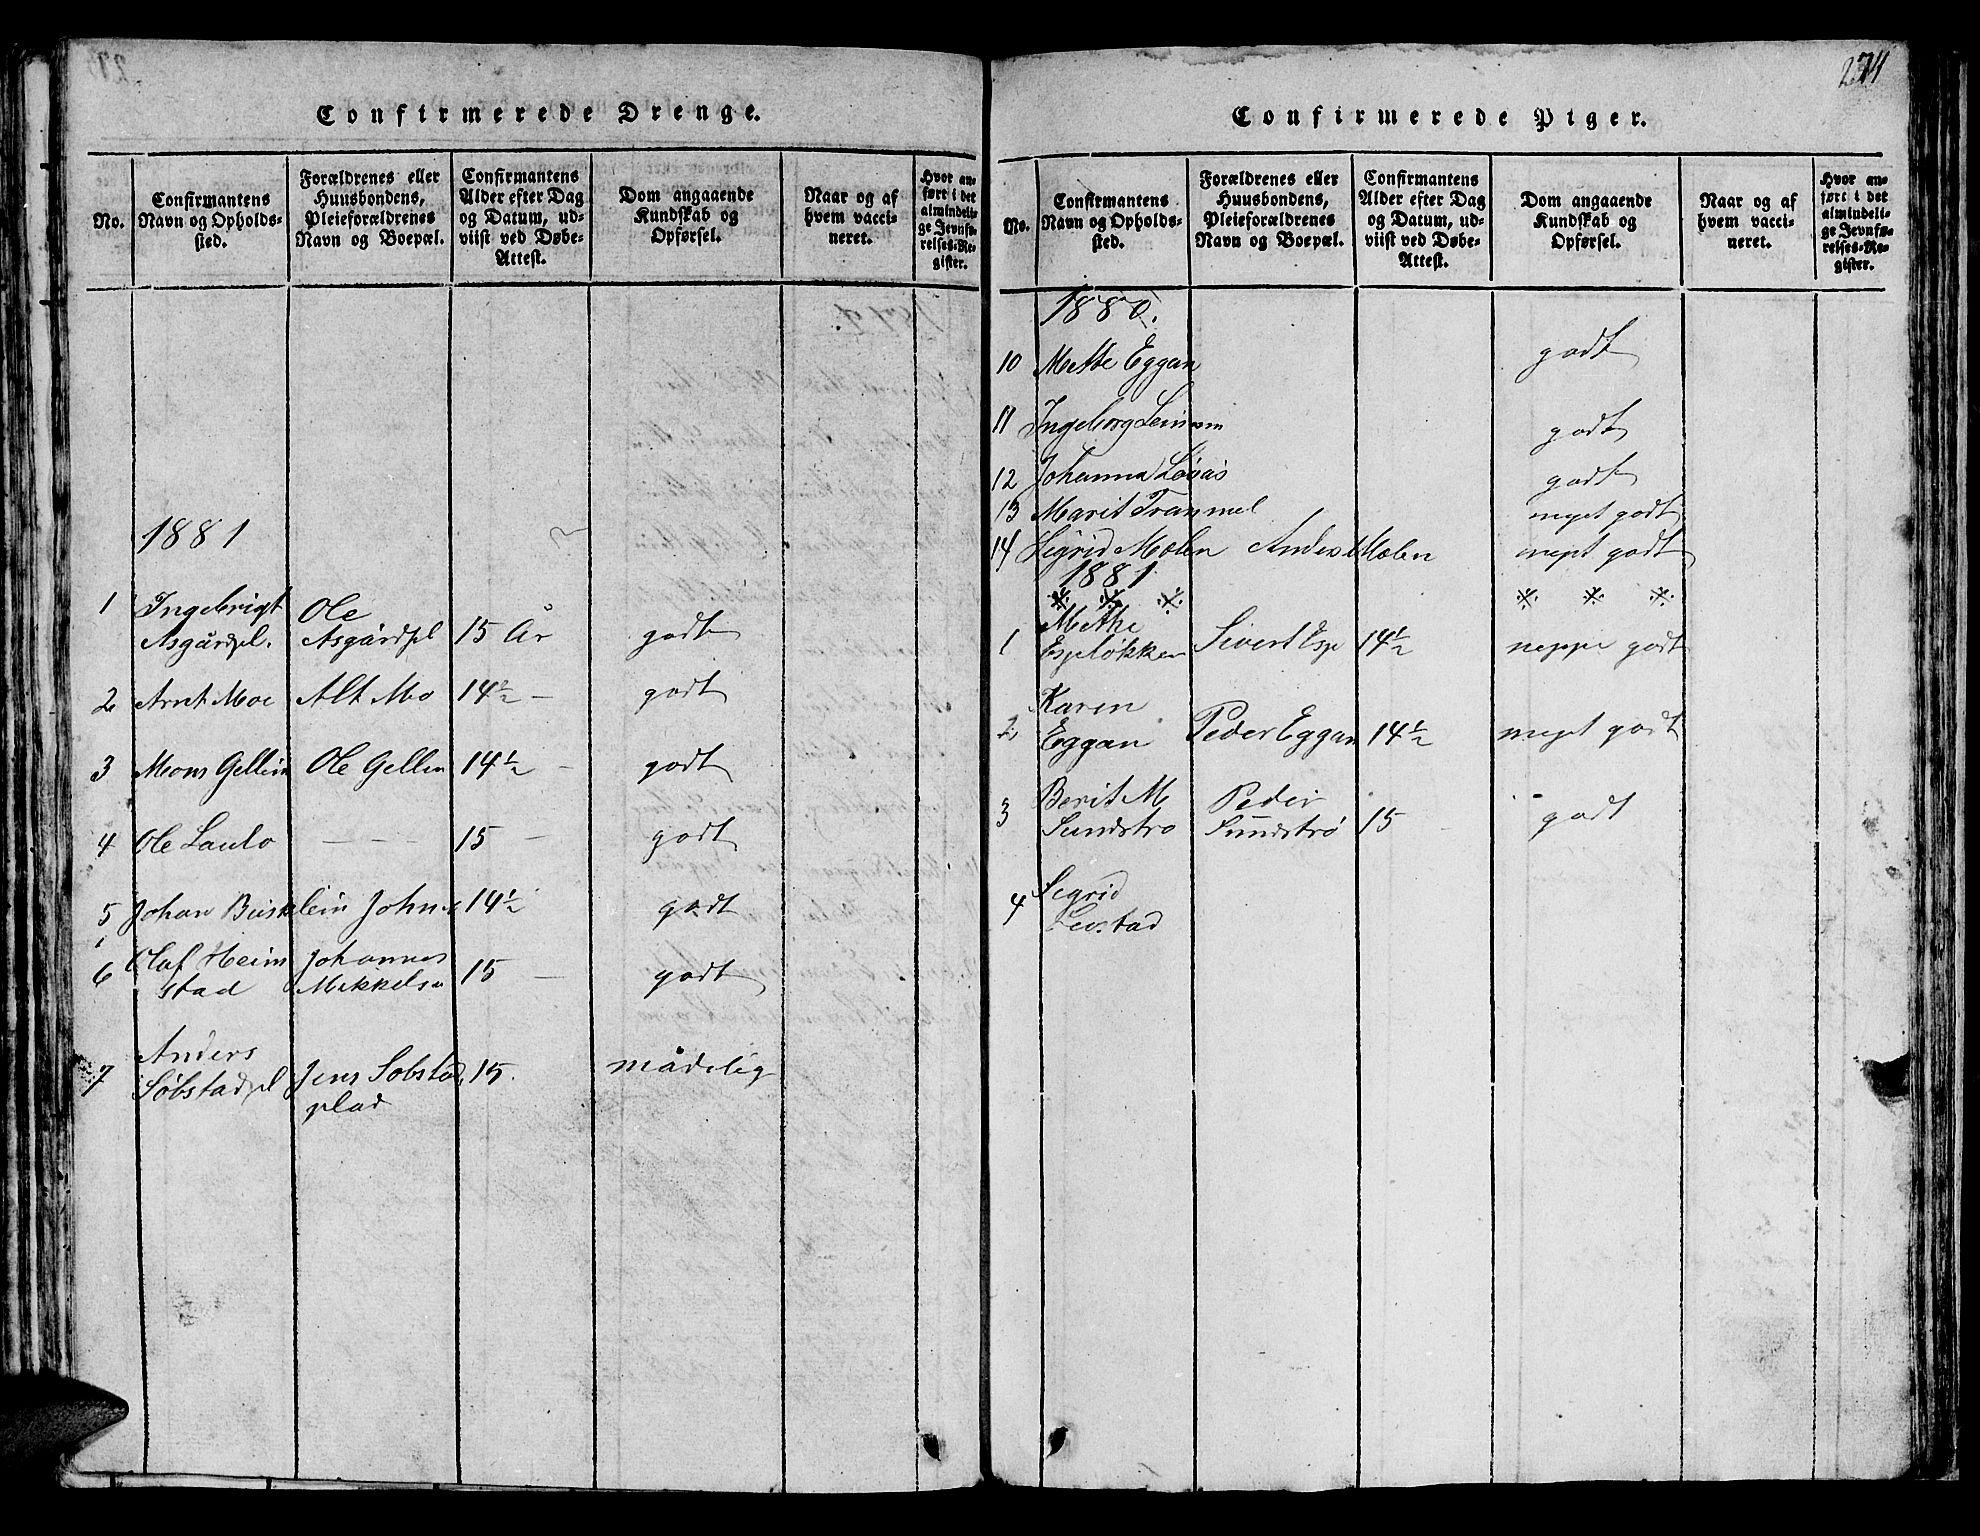 SAT, Ministerialprotokoller, klokkerbøker og fødselsregistre - Sør-Trøndelag, 613/L0393: Klokkerbok nr. 613C01, 1816-1886, s. 274